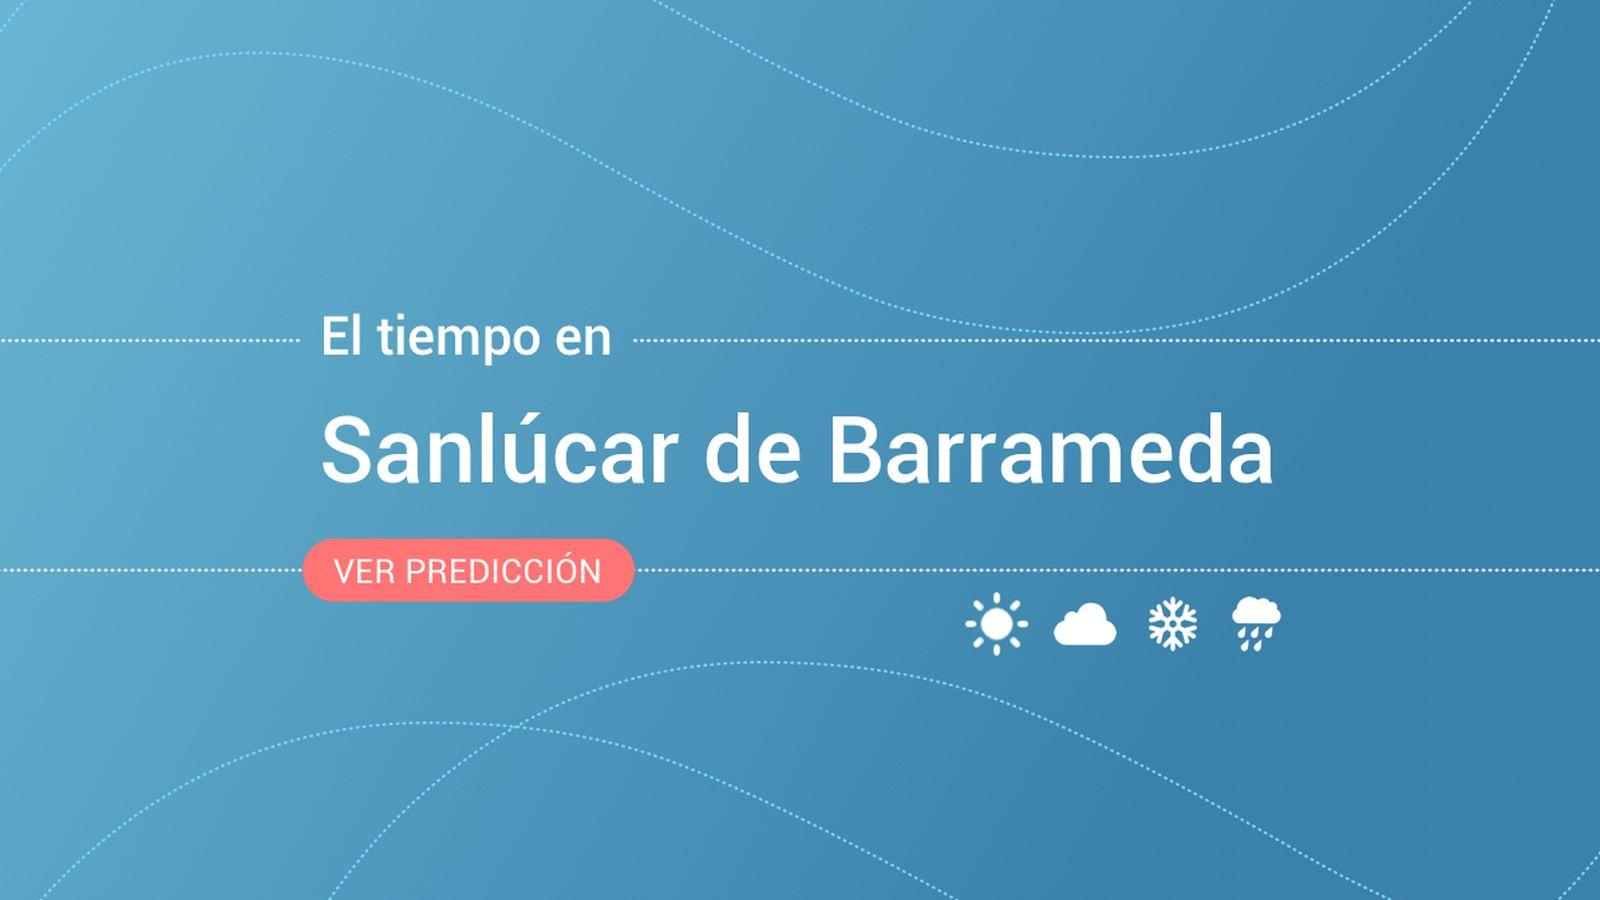 Foto: El tiempo en Sanlúcar de Barrameda. (EC)